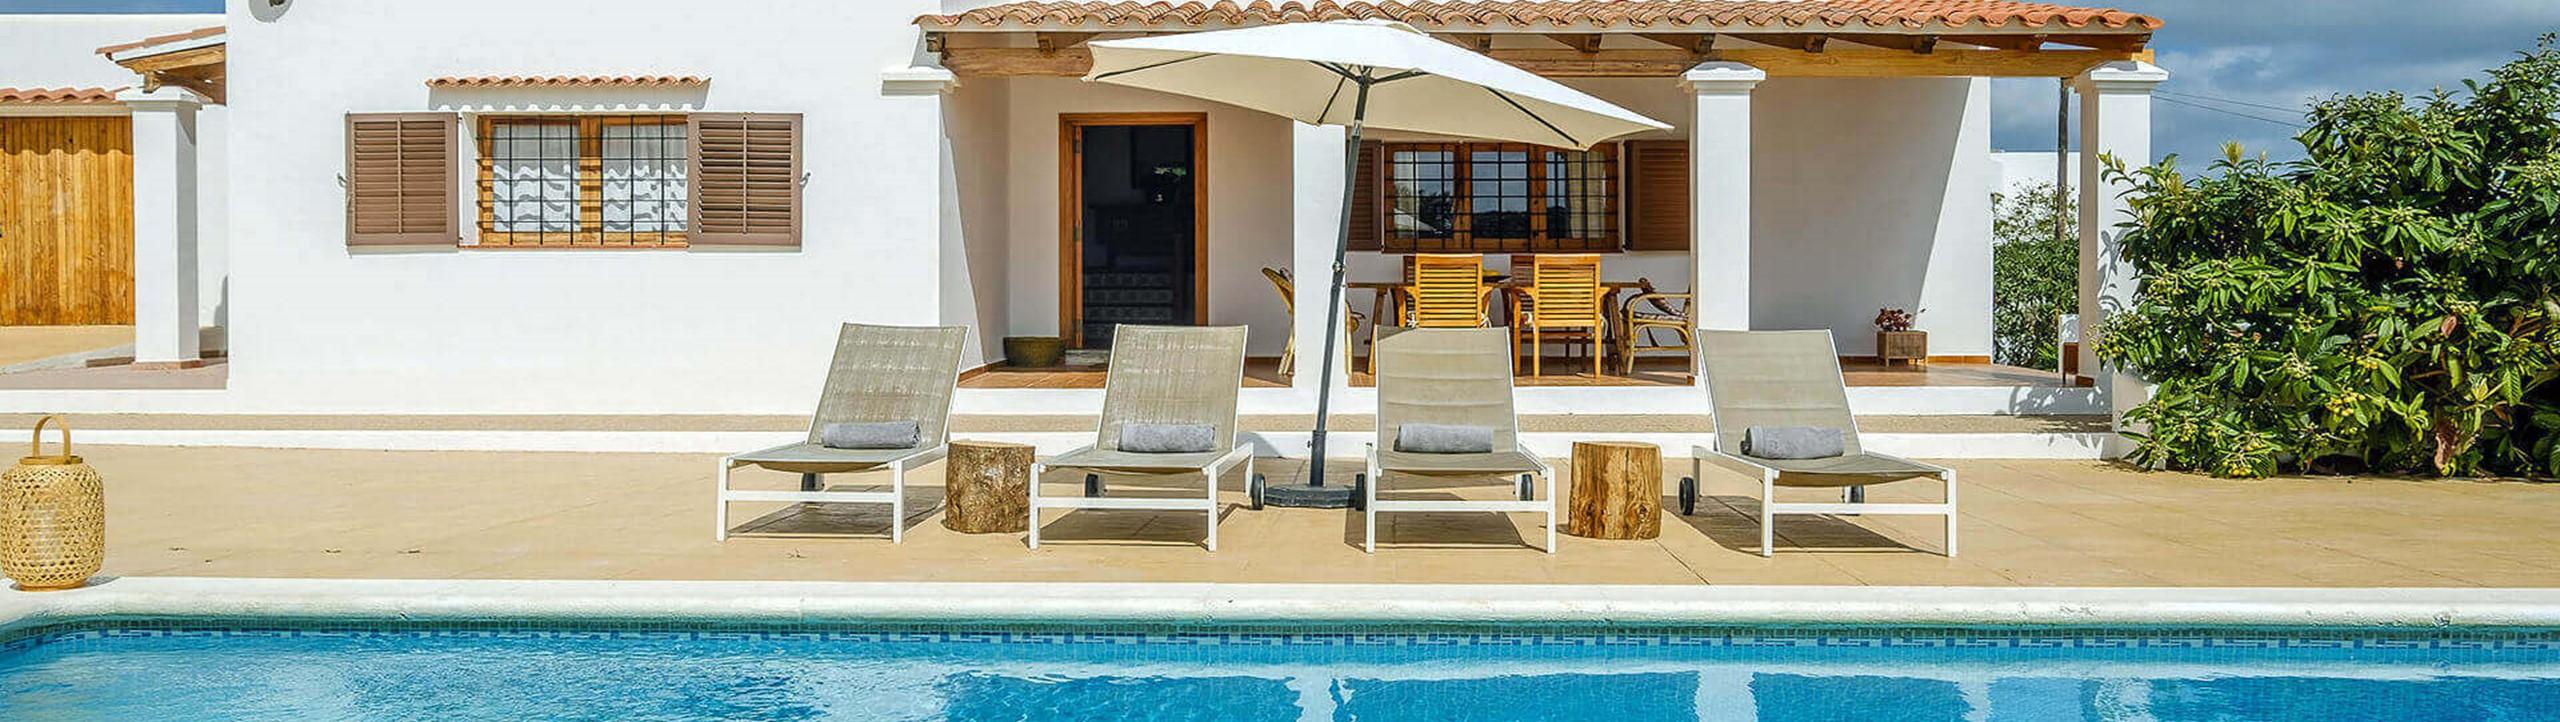 Villa Catalina Ibiza 2 Santa Eulalia